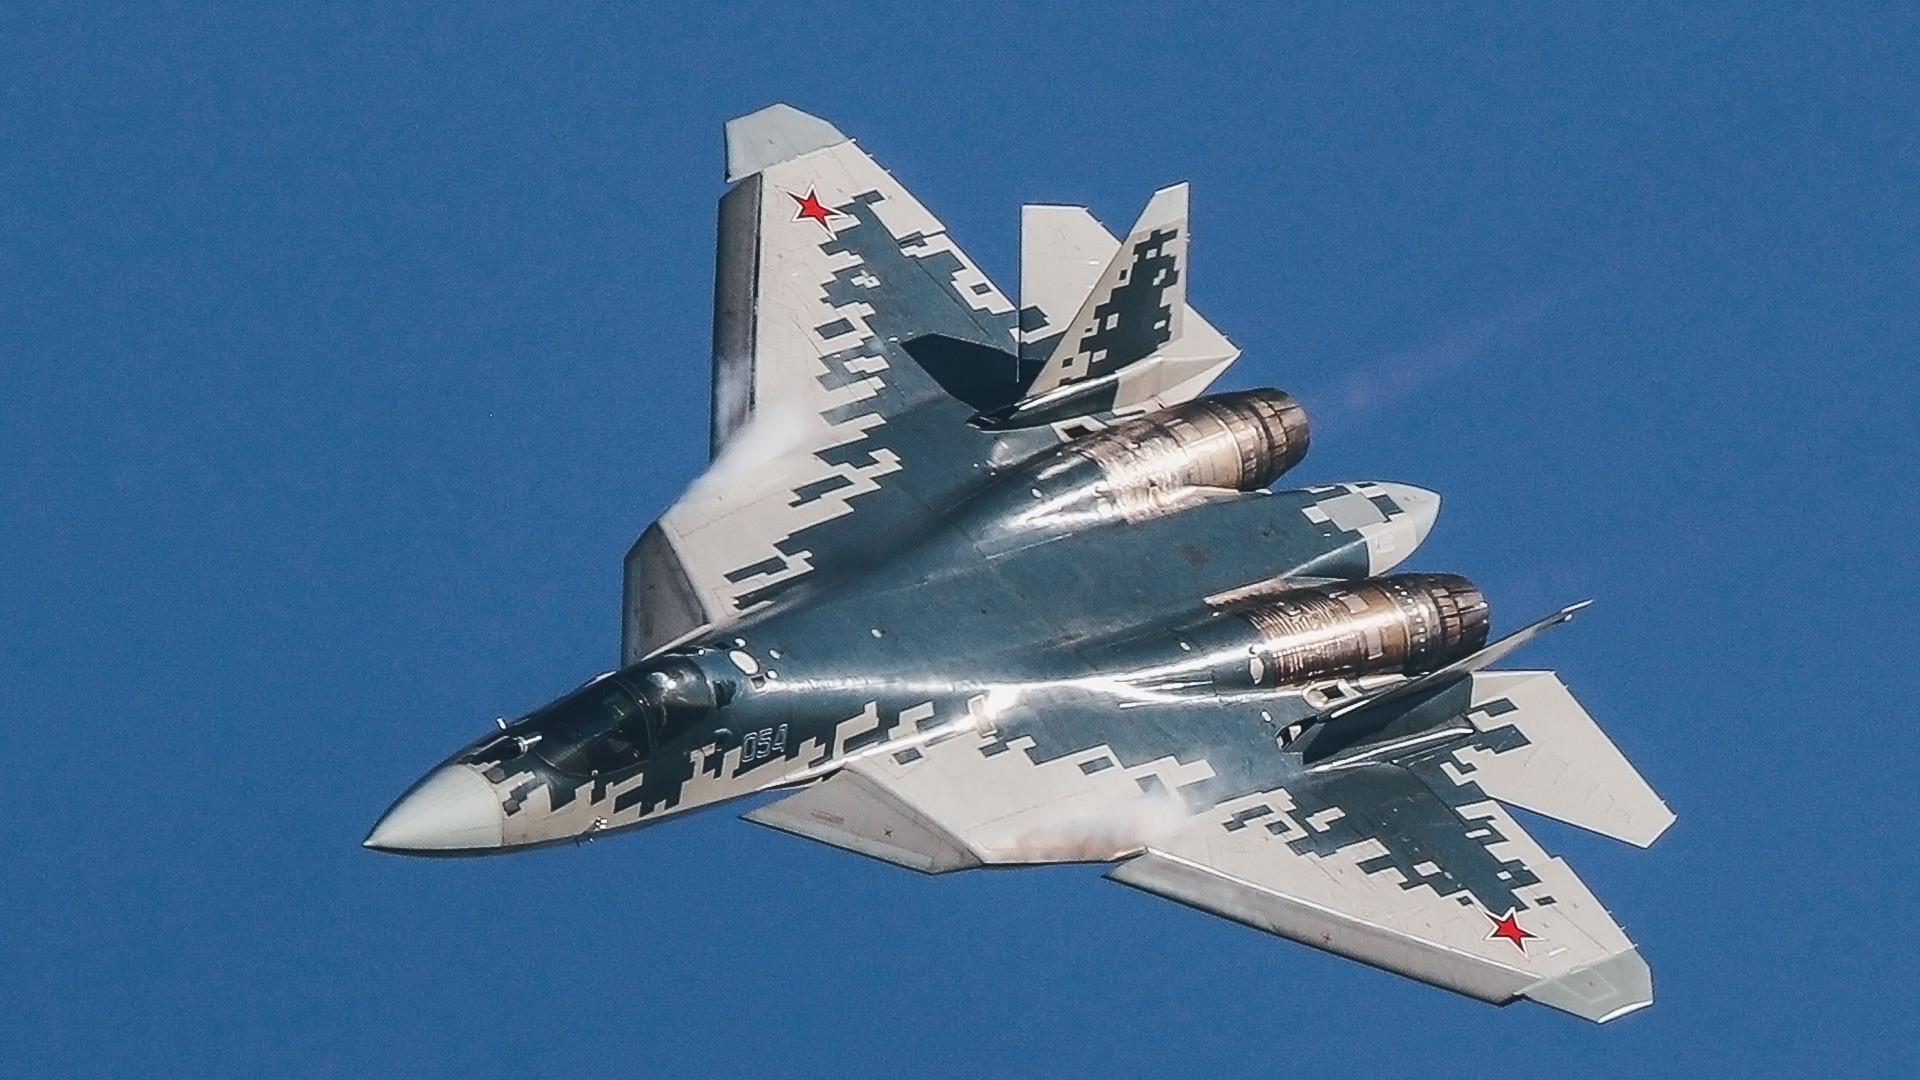 """俄罗斯又提要与印度合研五代机称现在有""""积极信号"""""""